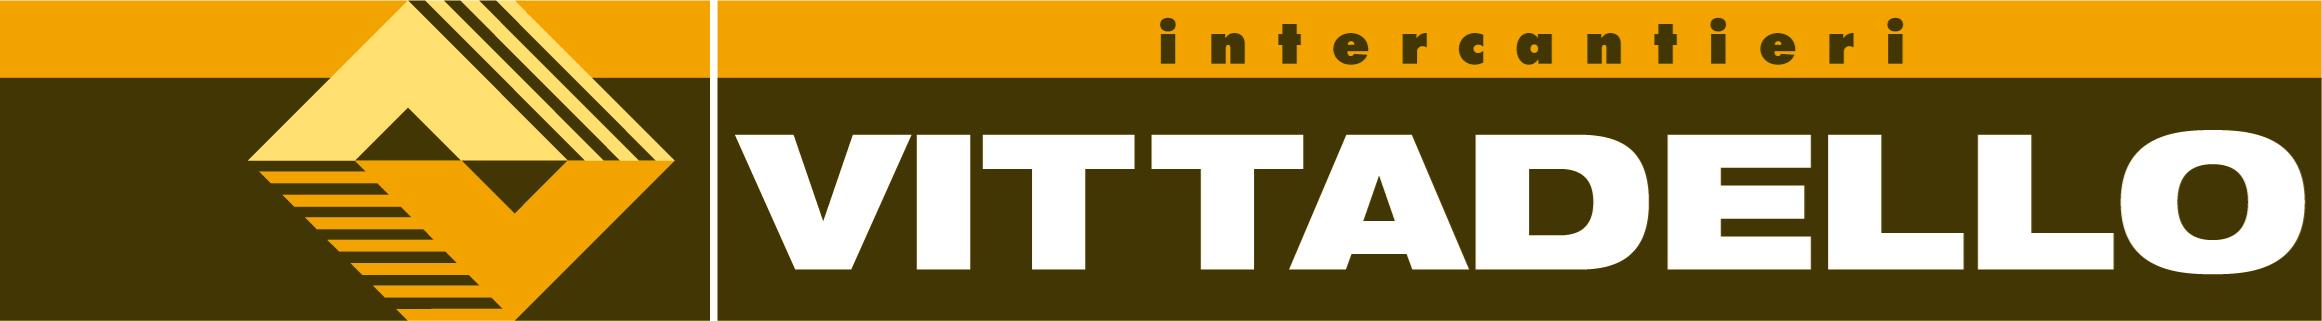 Intercantieri Vittadello_Logo